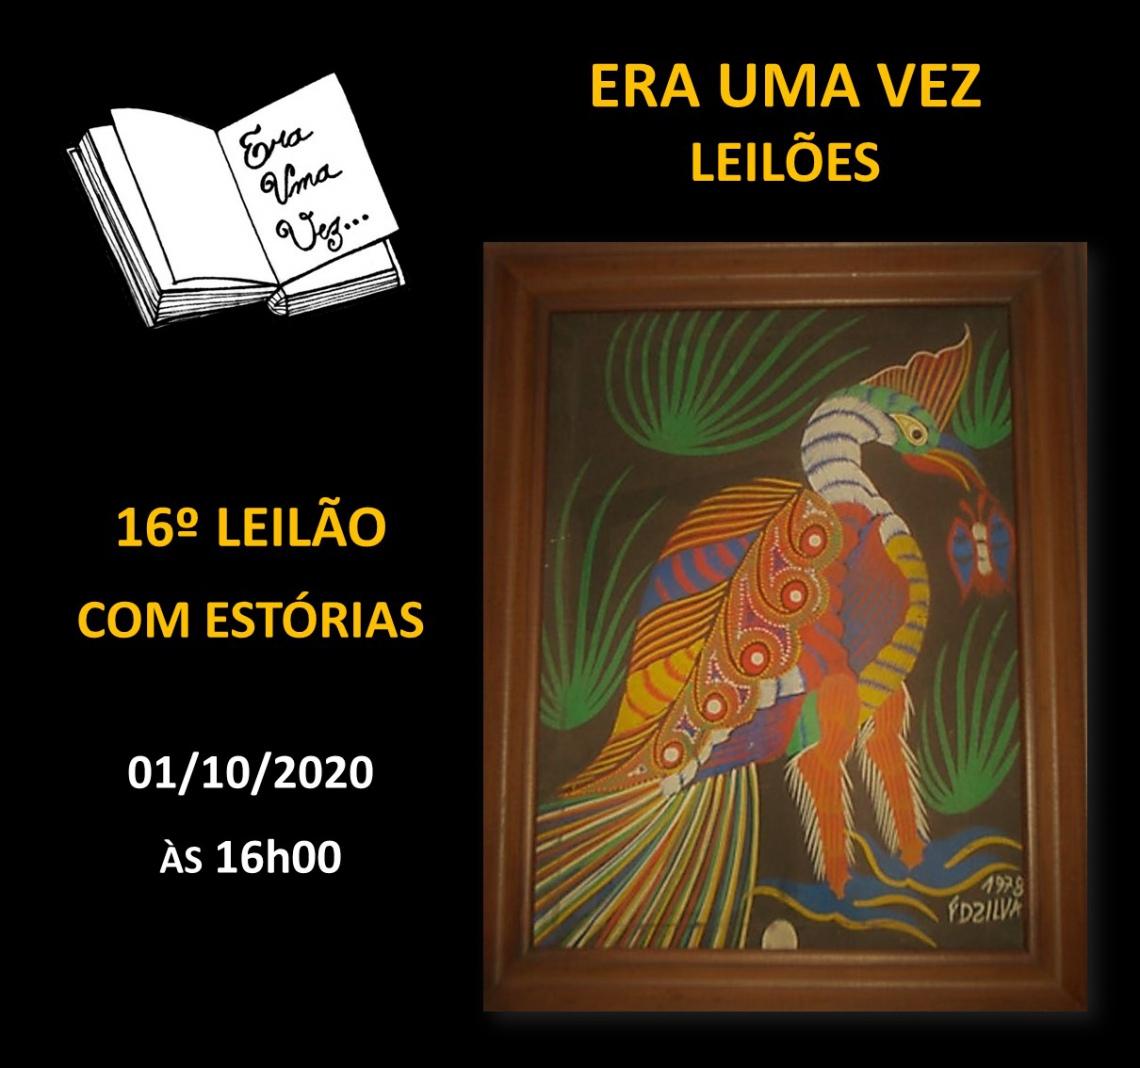 16º LEILÃO COM ESTÓRIAS - 01/10/2020 às 16h00